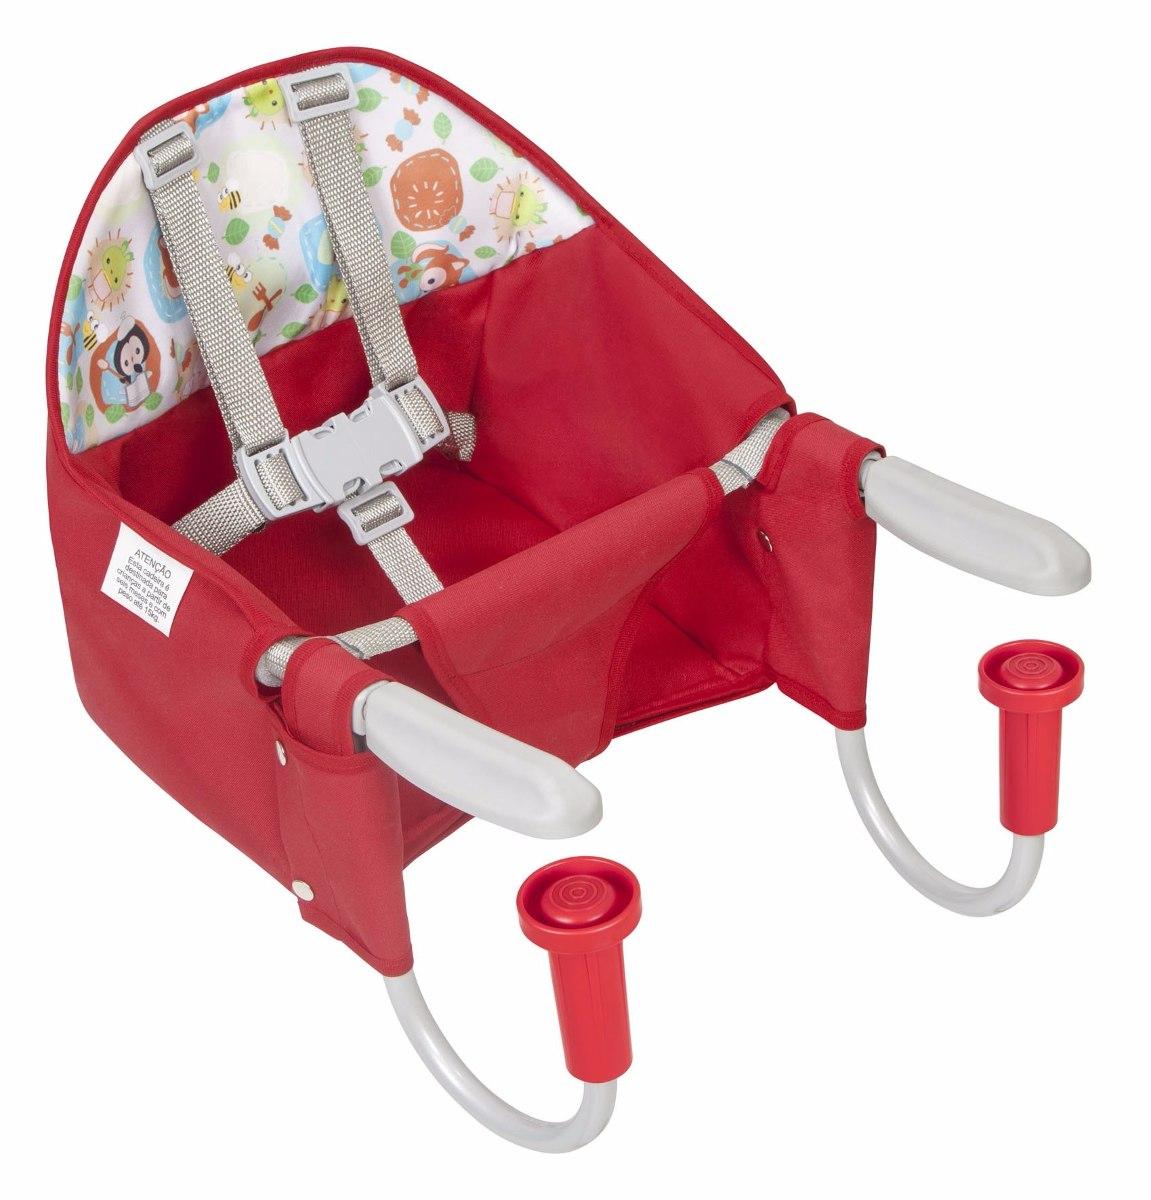 cadeira de refeição bebê portátil para mesa tutti baby #921028 1151x1200